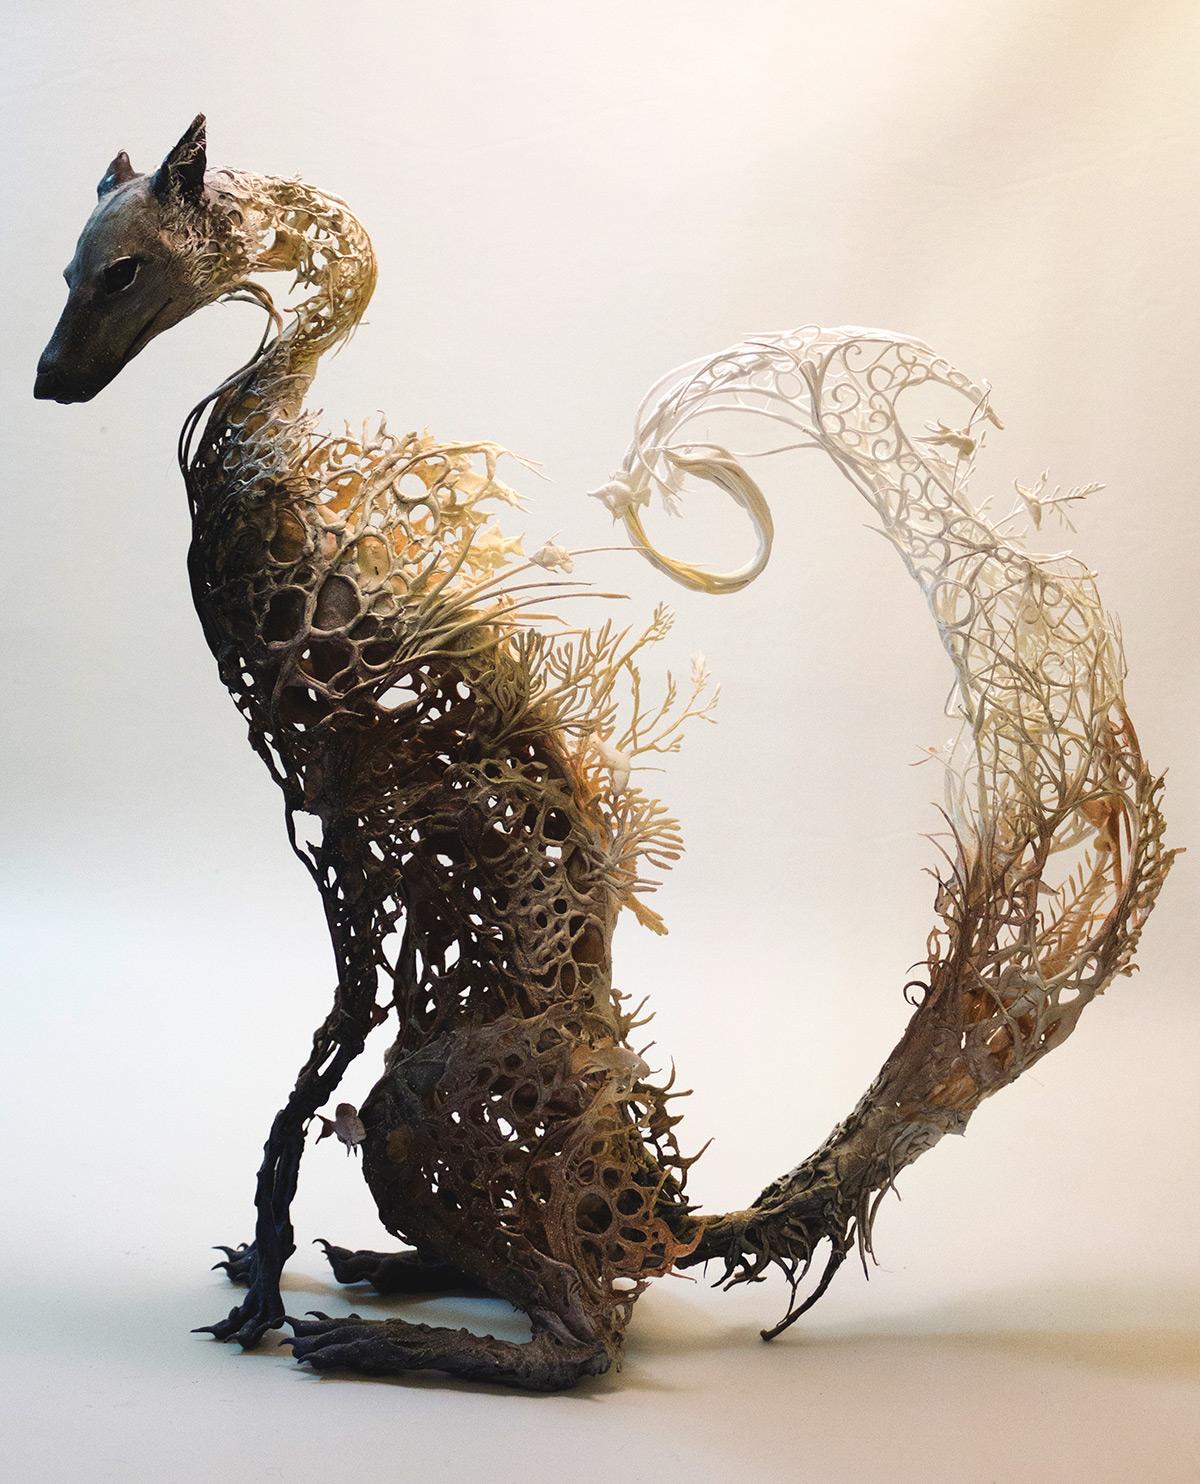 Сюрреалистичные скульптуры от Элен Джеветт